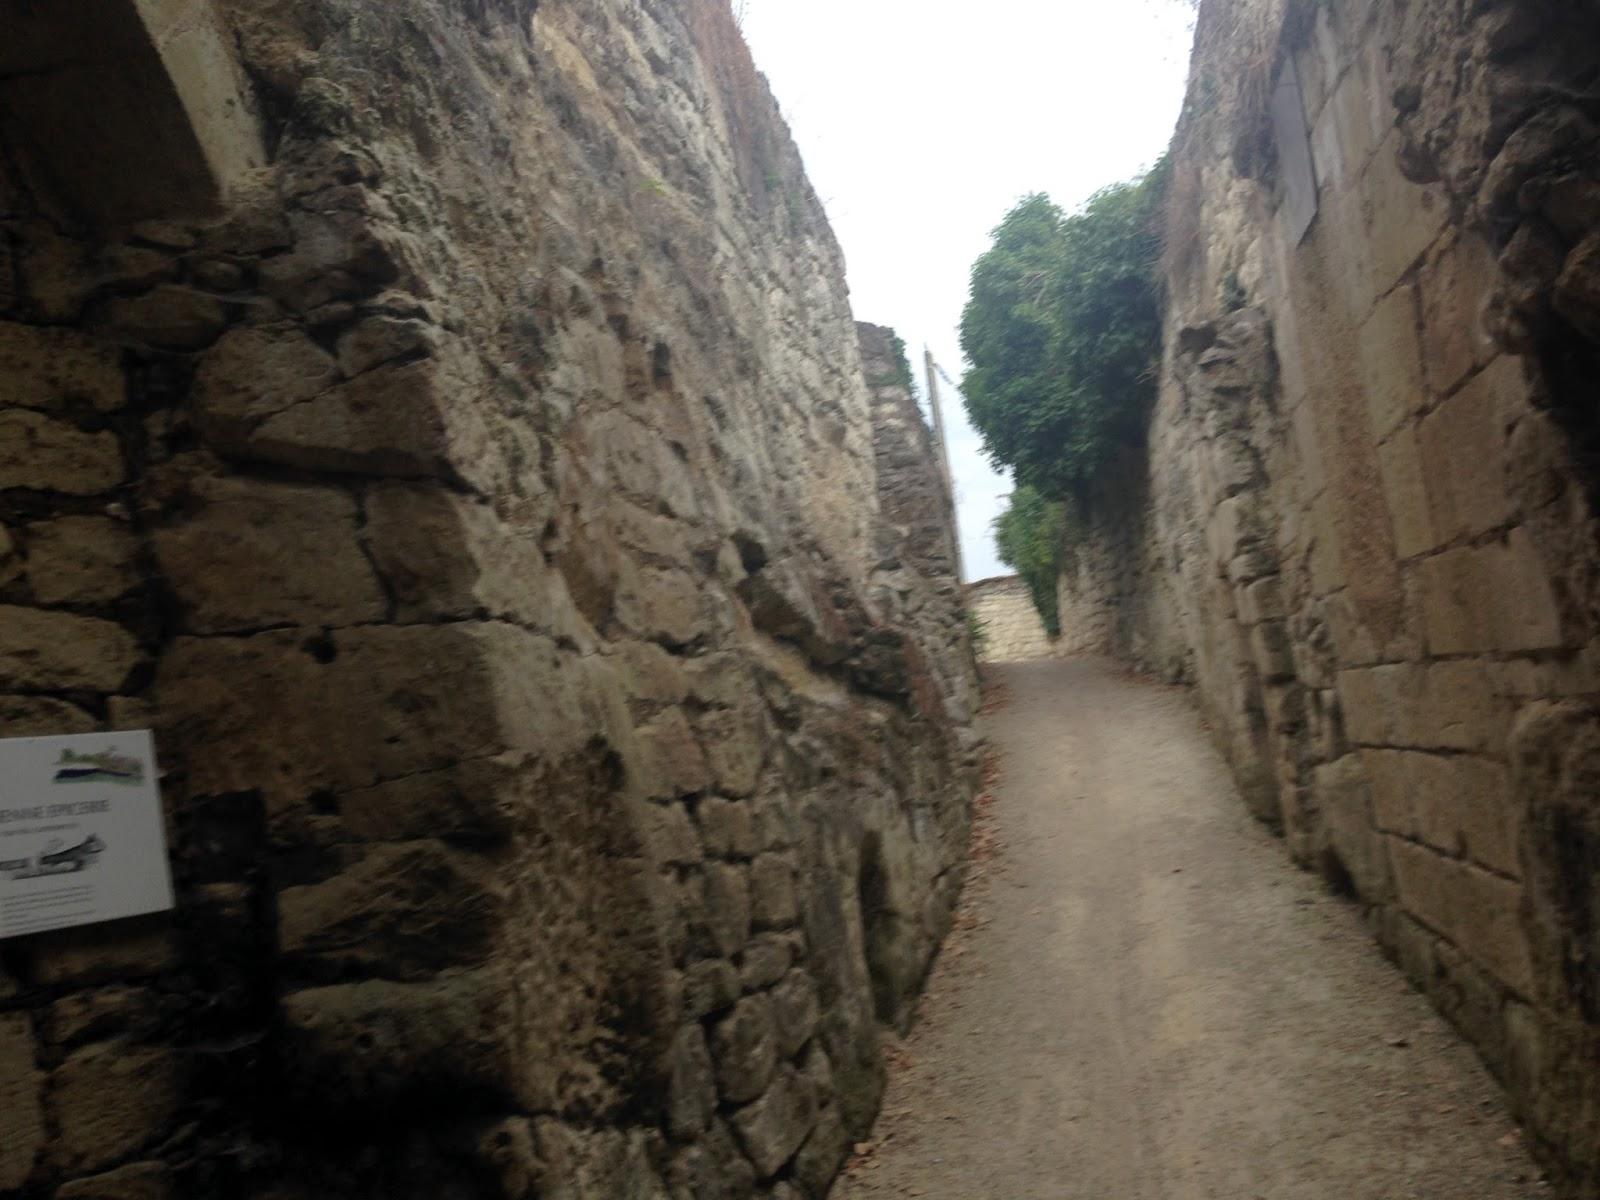 wjazd do jaskiń troglodytów, szlak orlich gniazd